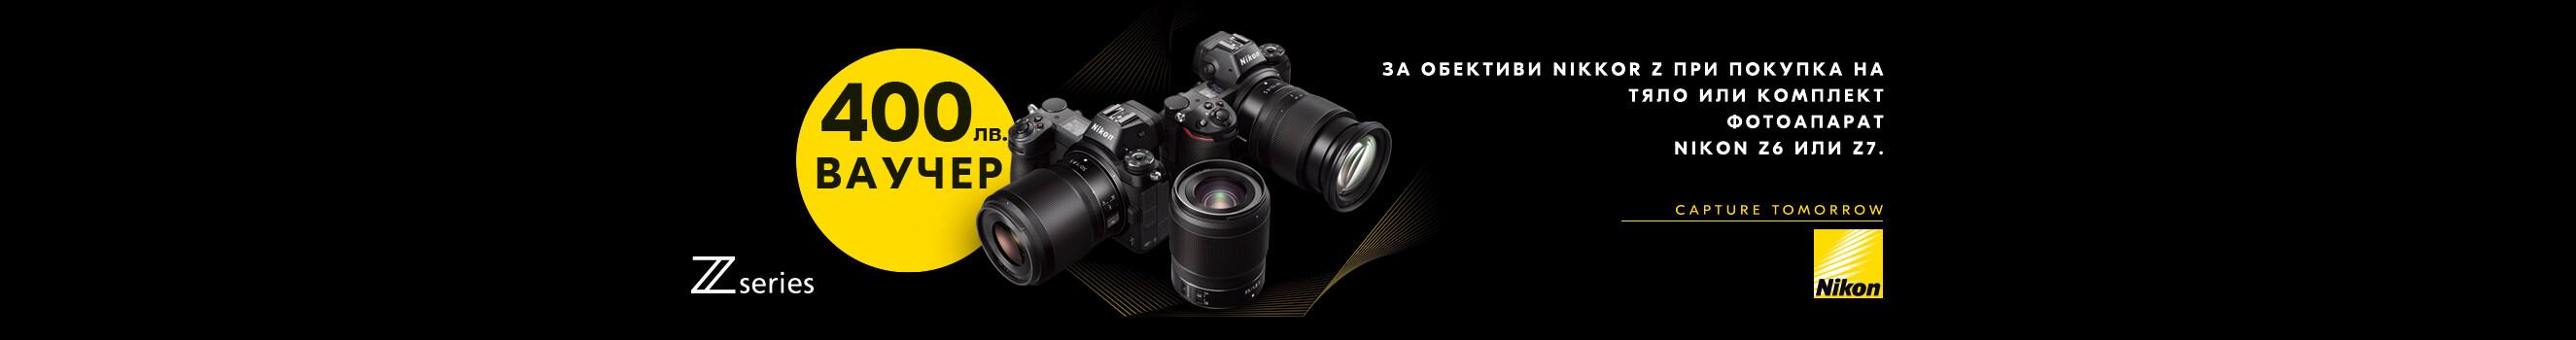 Фотоапарати Nikon Z6 и Z7 с подарък: 400 лв. ваучер за обективи Nikon Z